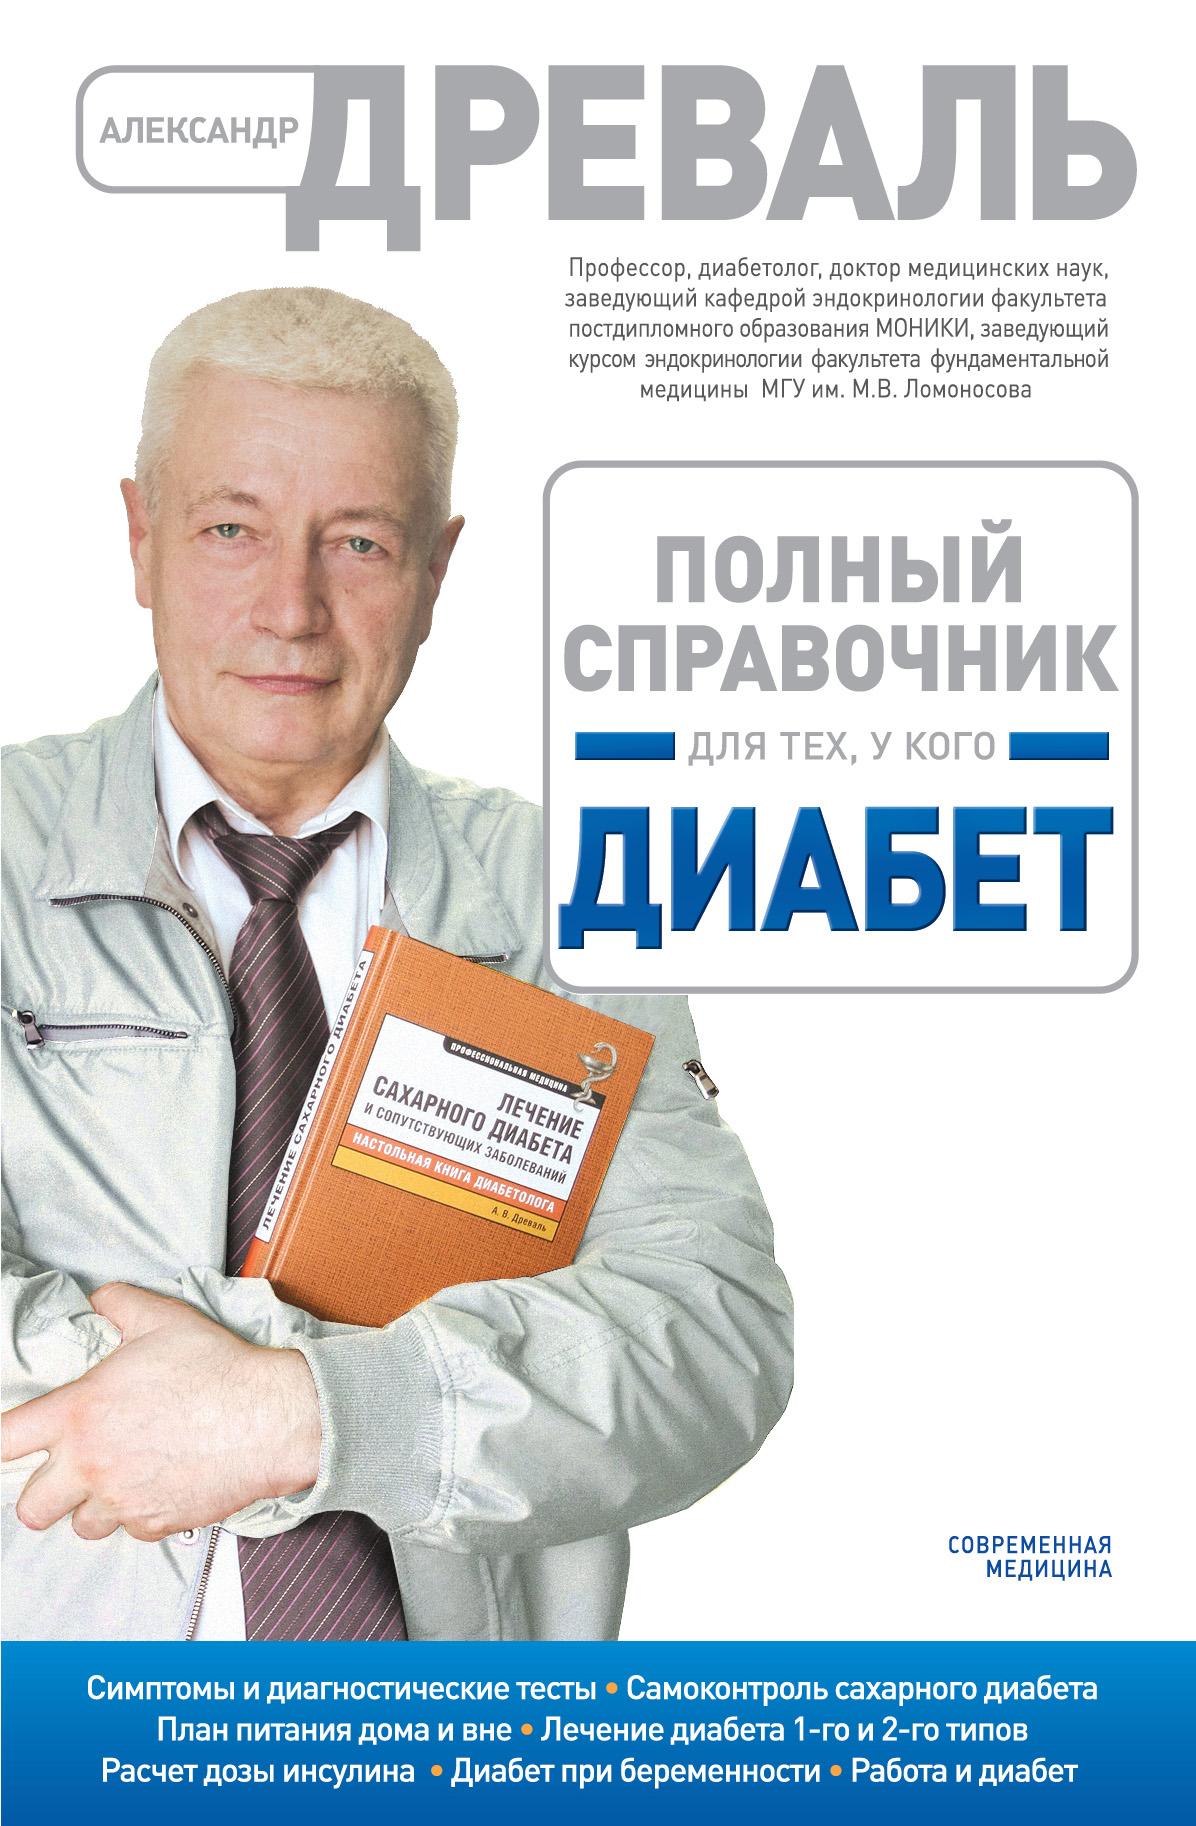 Полный справочник для тех, у кого диабет (оформление 1)